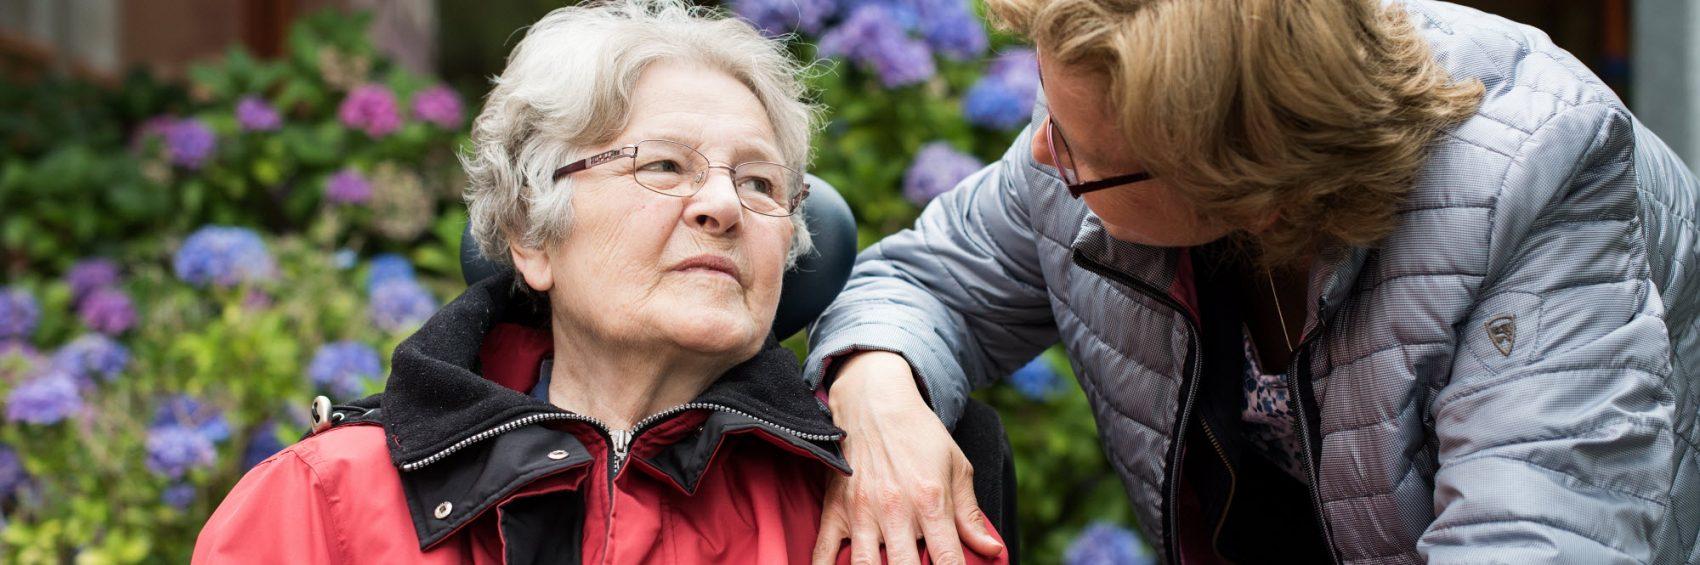 Mantelzorger en dementerende moedere kijken elkaar aan in de tuin van een verpleeghuis